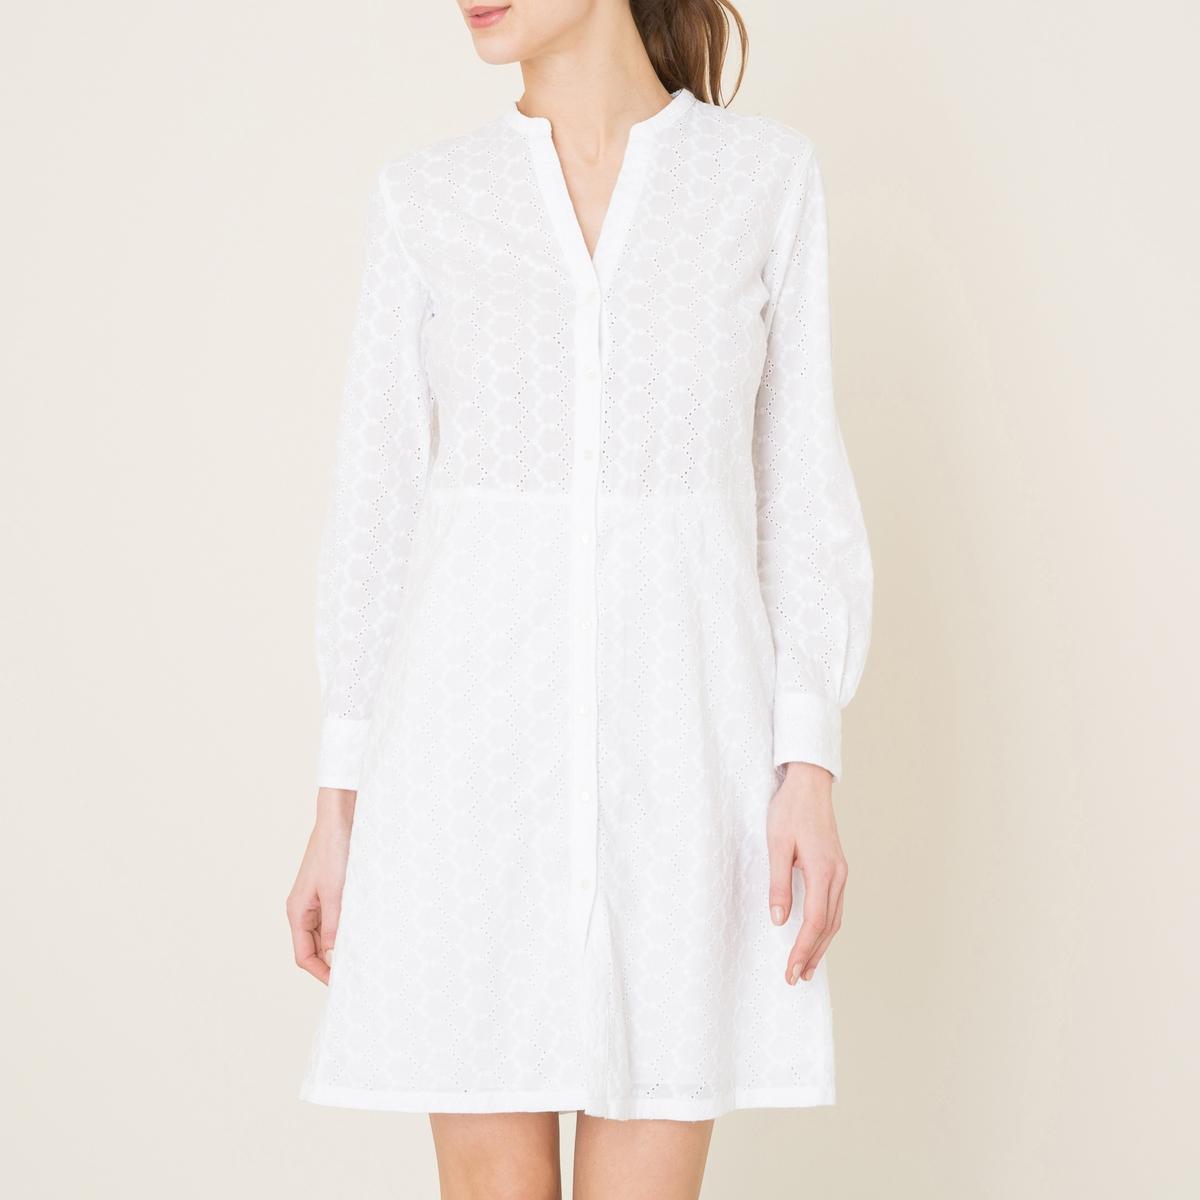 Платье с вышивкойСостав и описание Материал : 100% хлопокПодкладка низа 100% хлопокДлина : 95 см. для размера 36Марка : HARTFORD<br><br>Цвет: белый